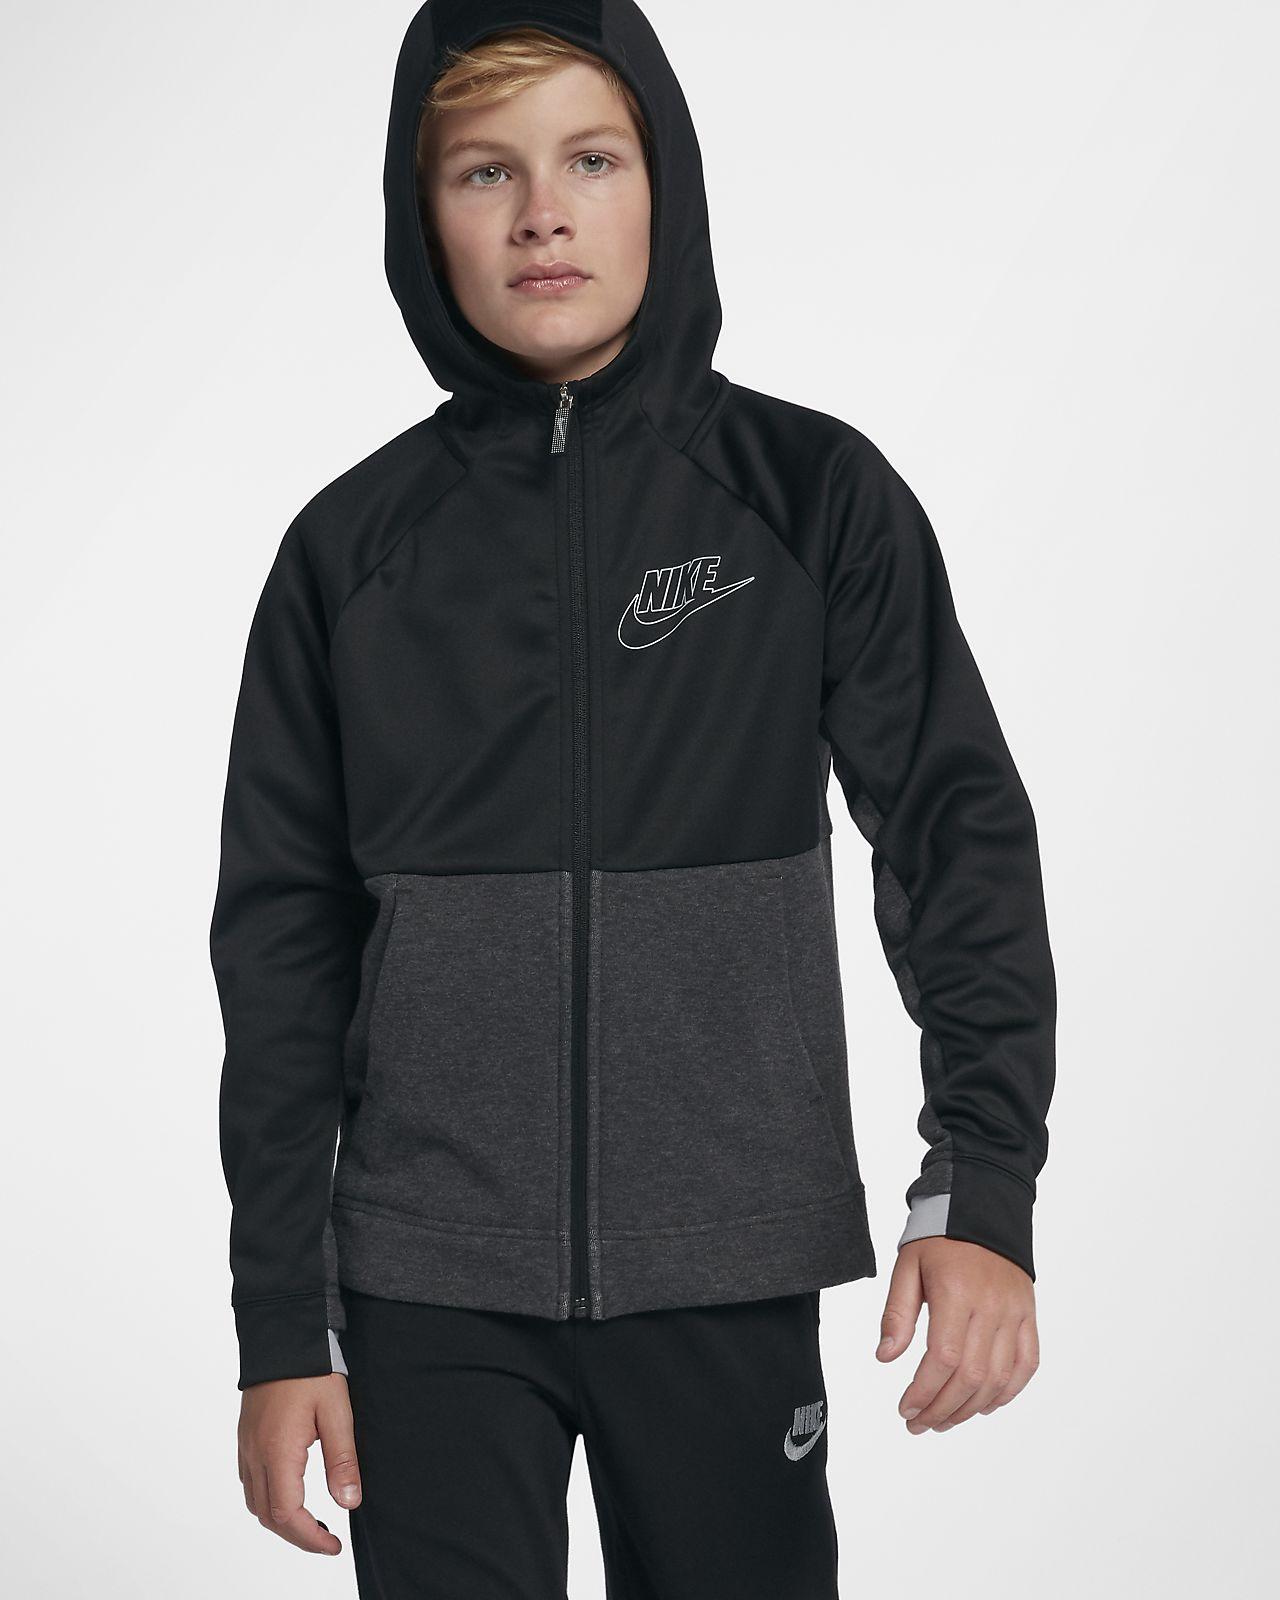 Nike Sportswear My Nike hettejakke til store barn (gutt)